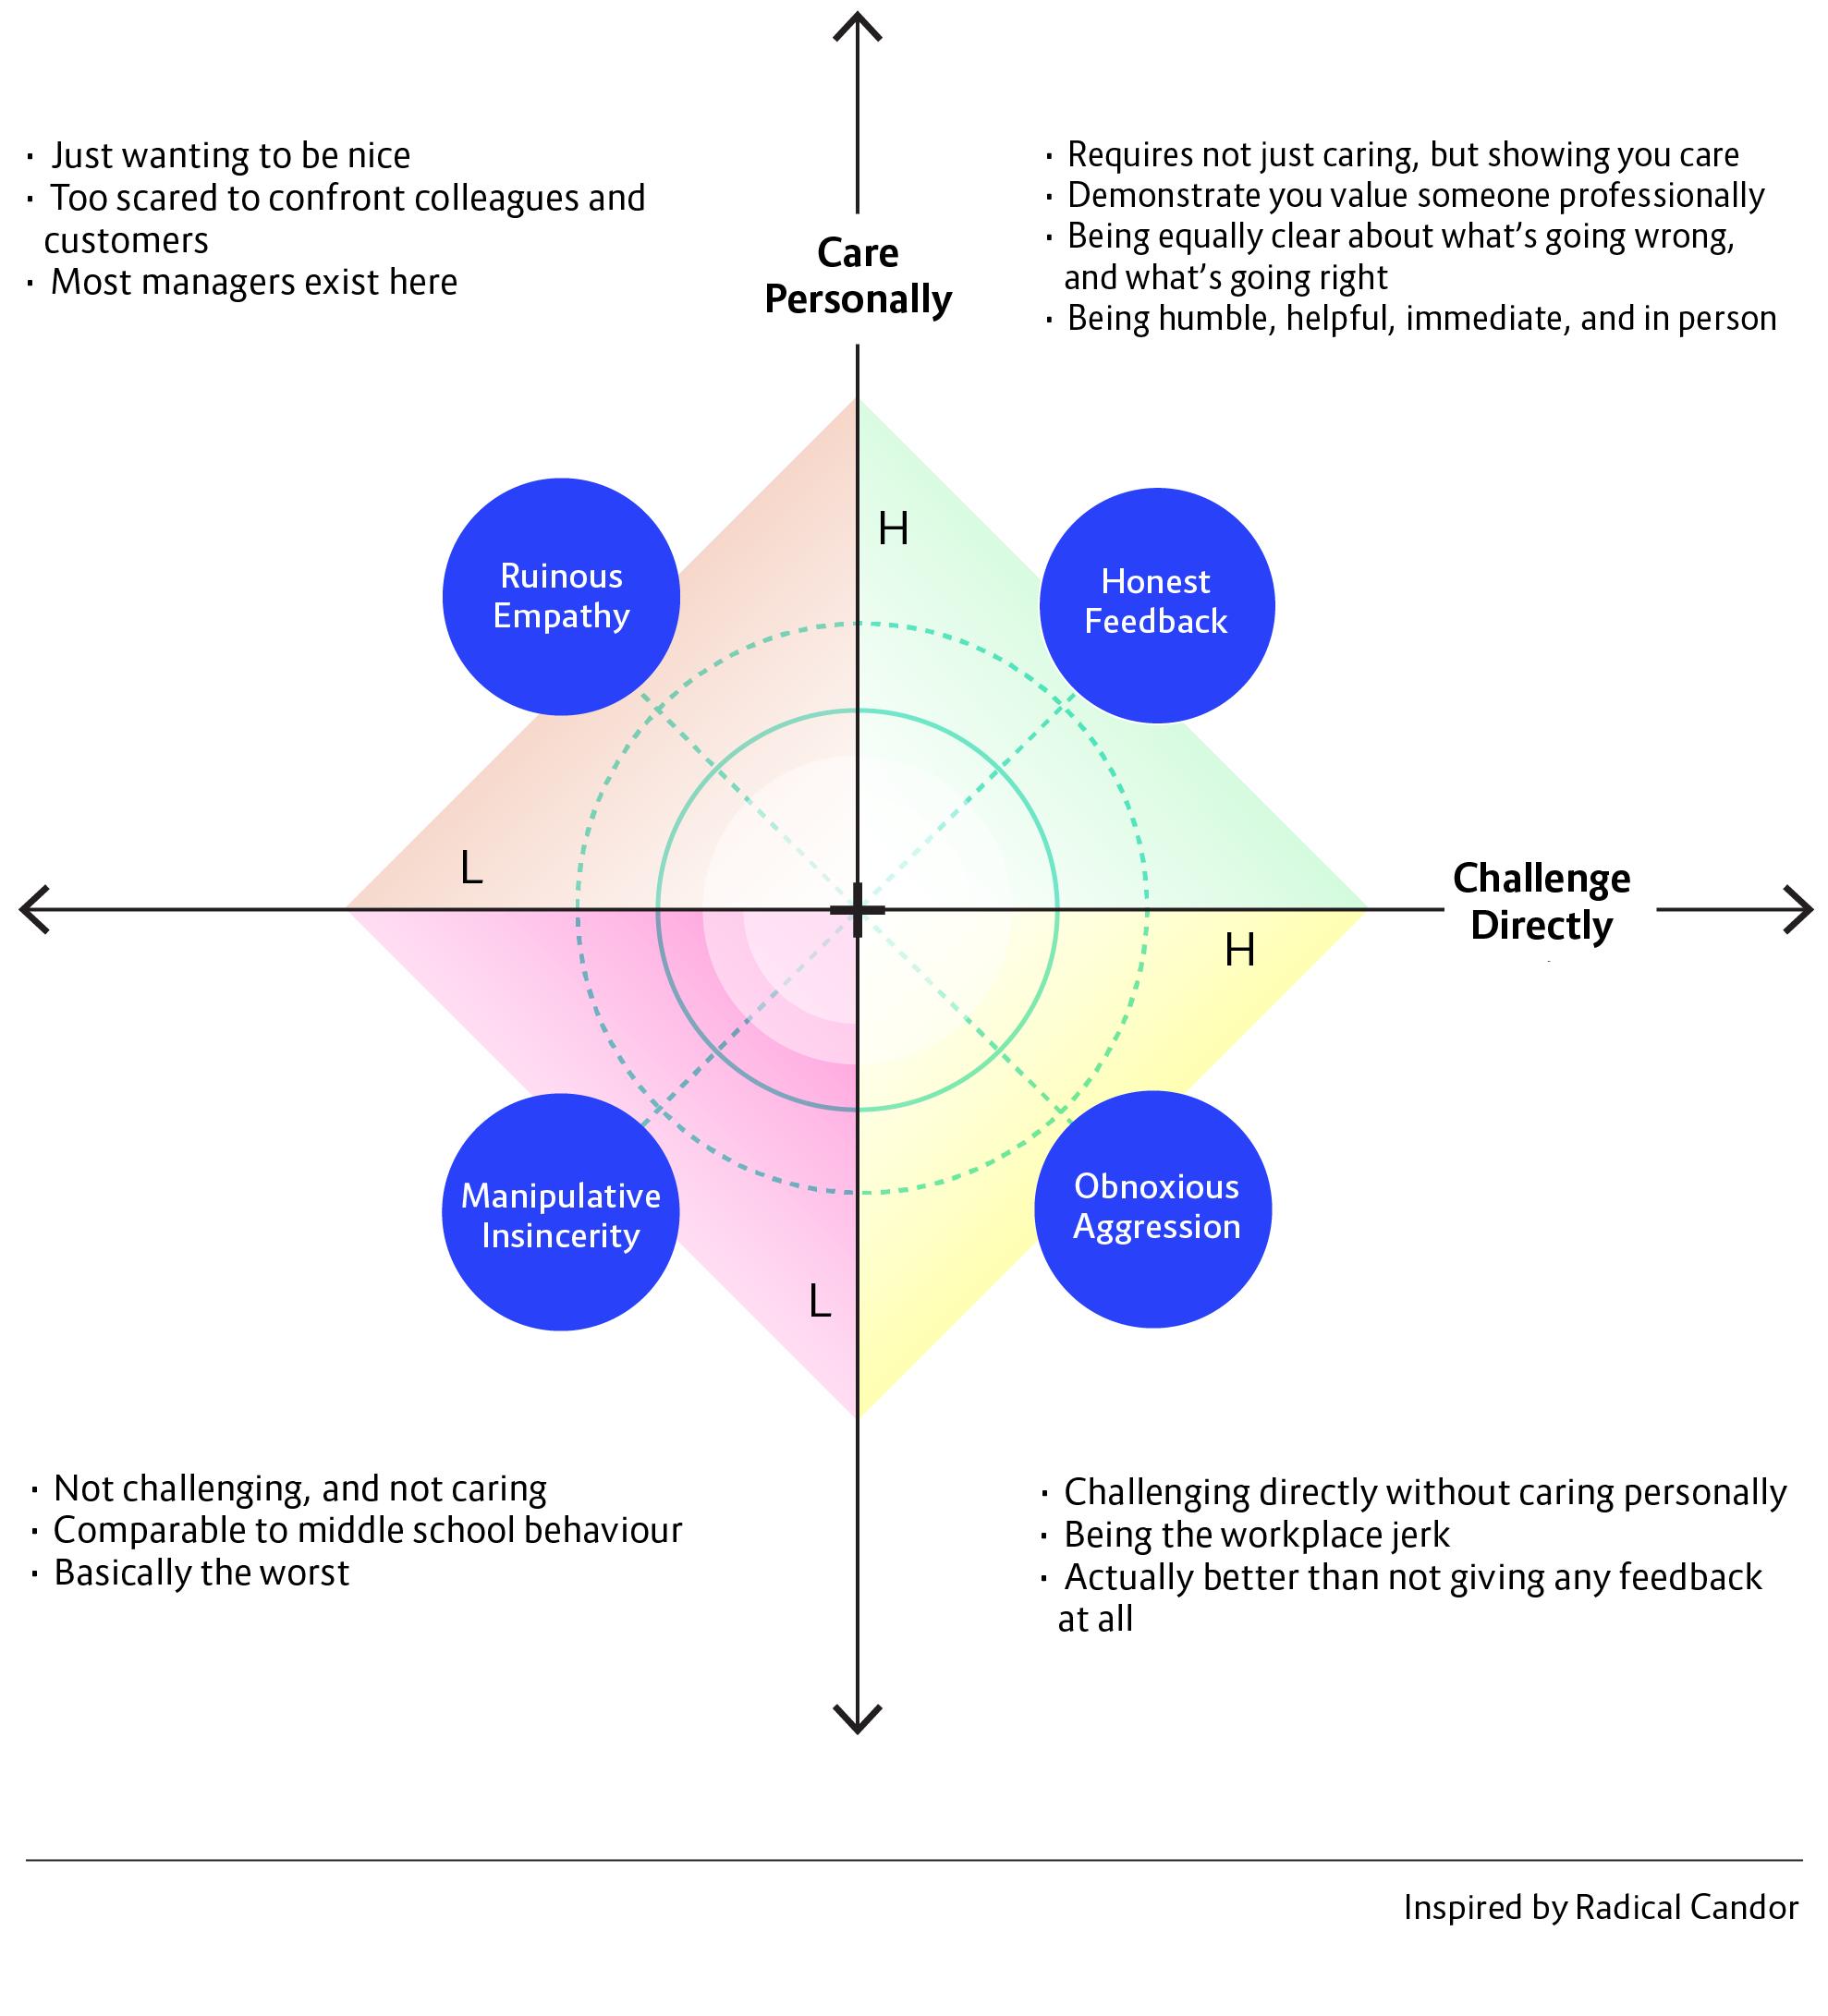 19_09_11_The_feedback_framewok_diagram